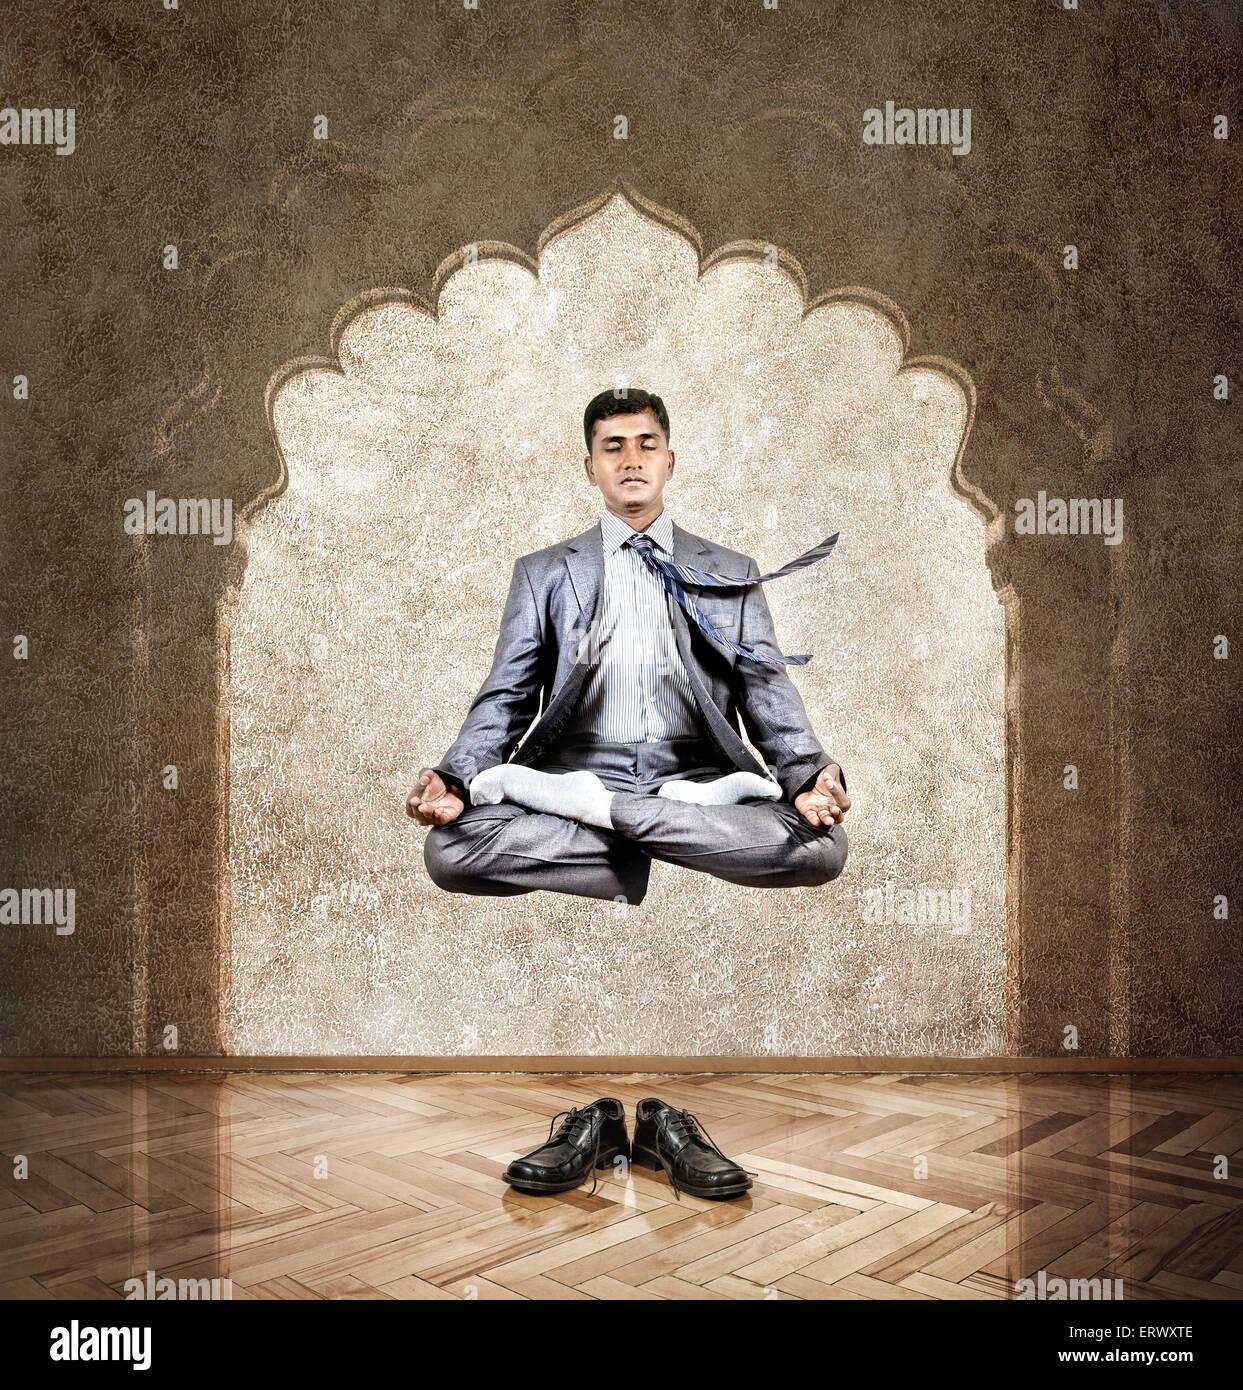 Empresario indio hacer meditación en el aire en lotus plantean en la oficina con arco en la pared Imagen De Stock